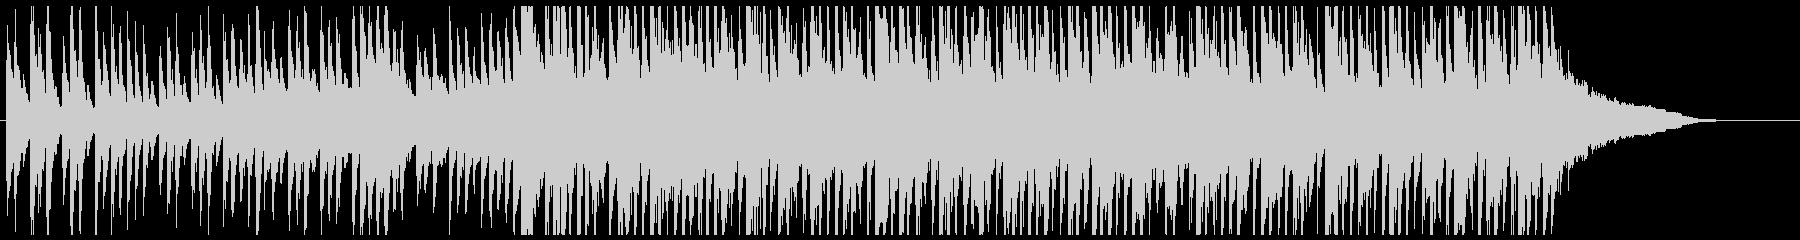 困難なミッションに挑むイメージ(30秒)の未再生の波形